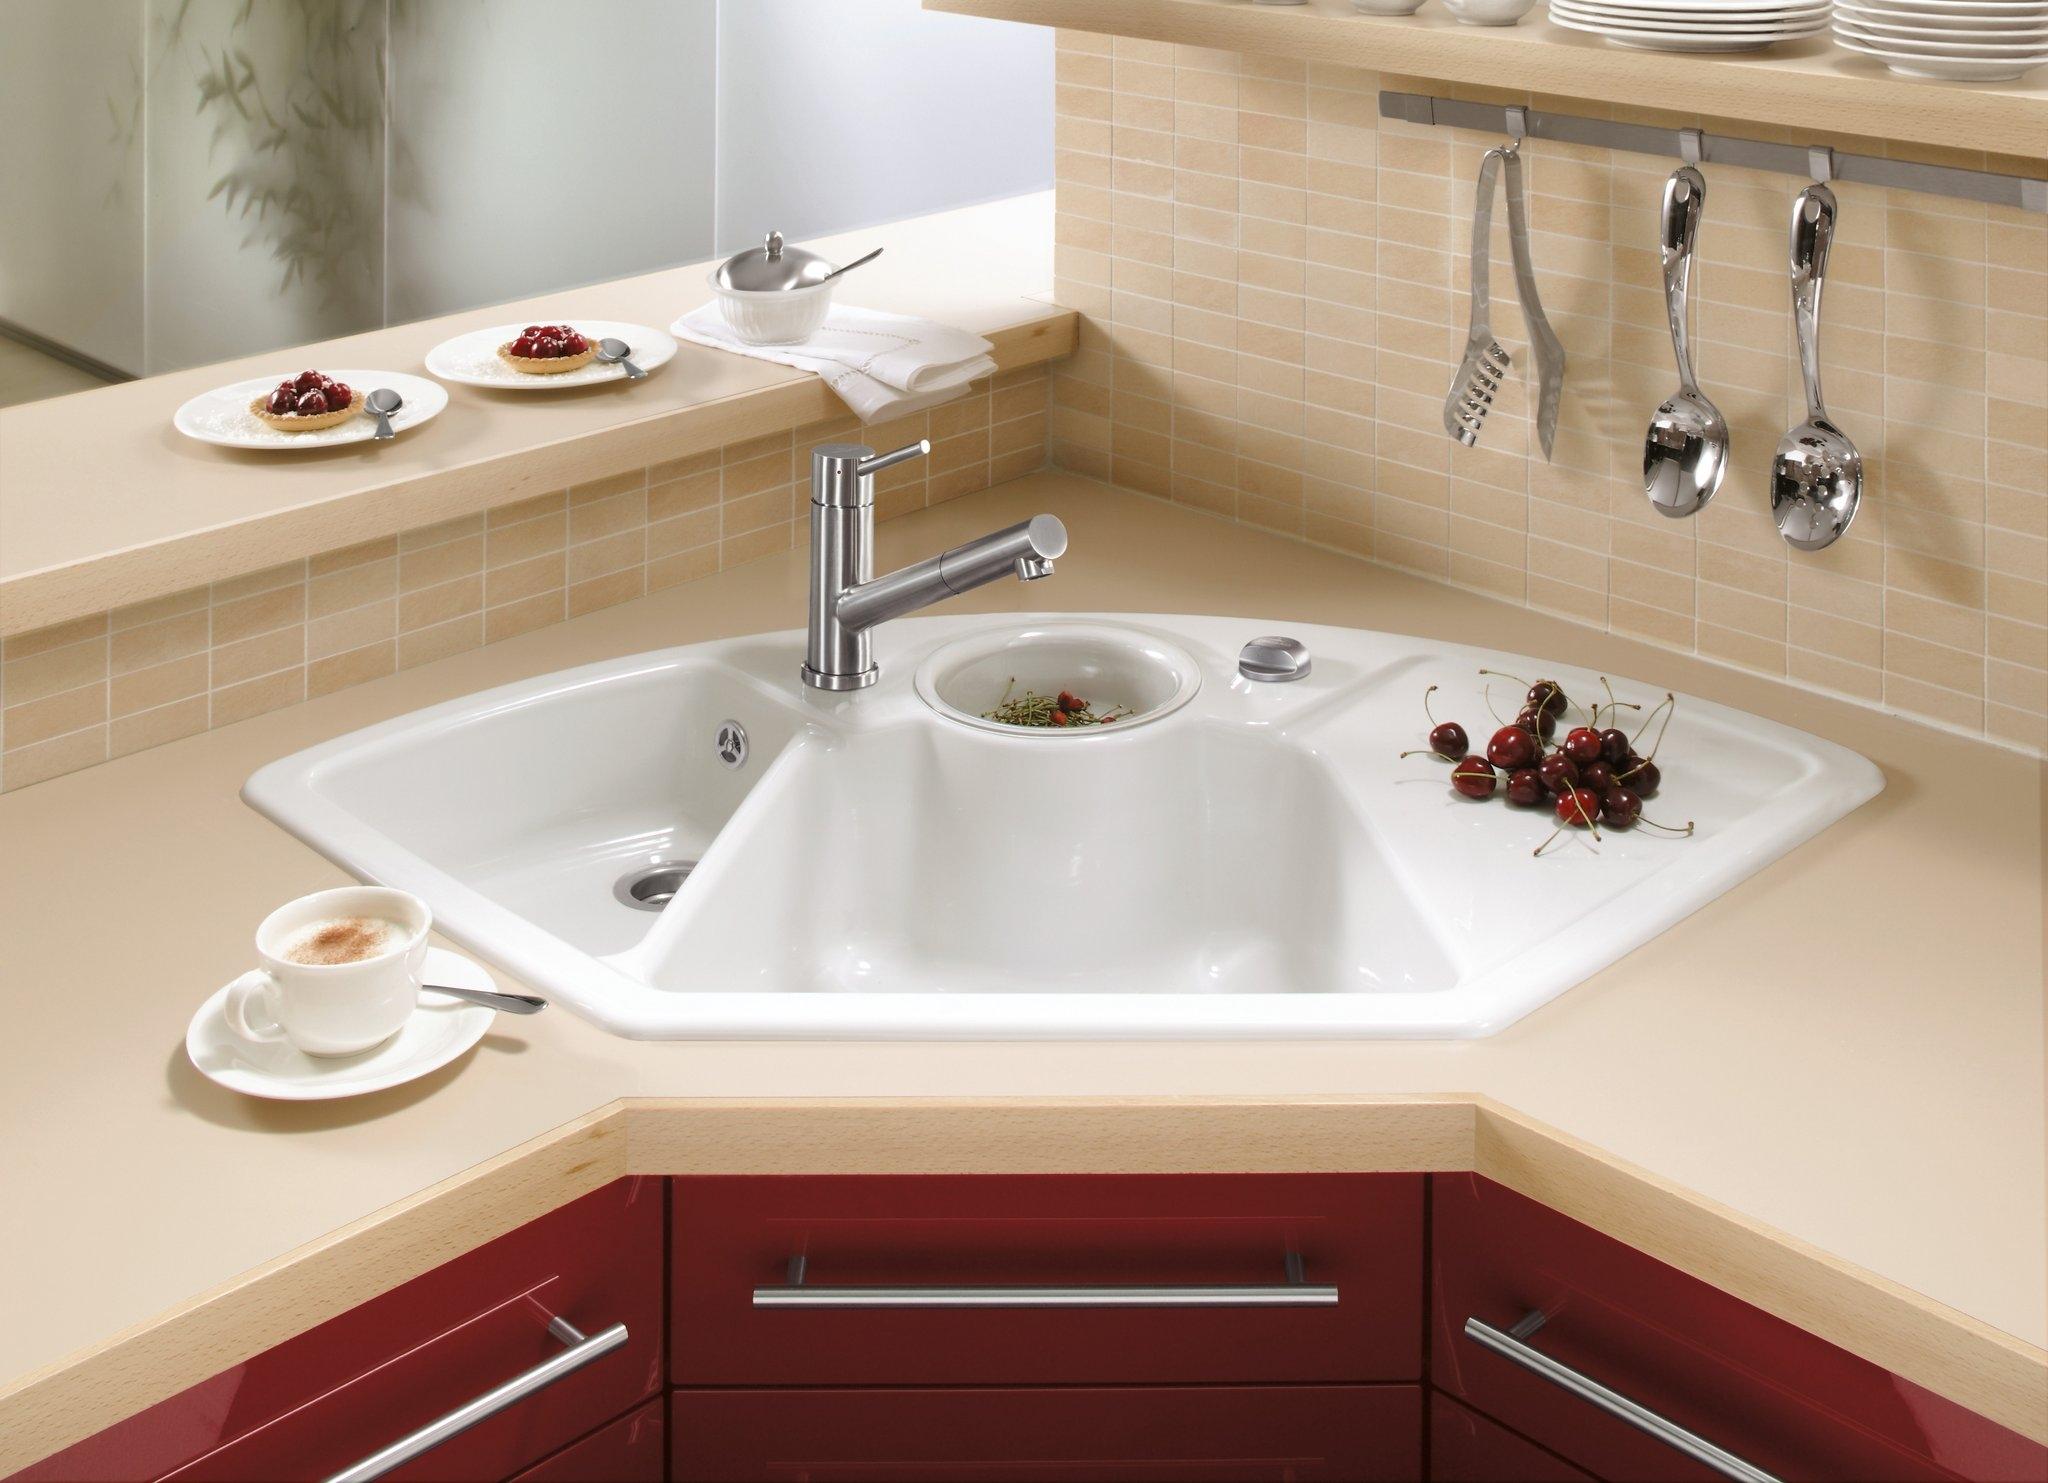 Corner Kitchen Sinks Undermount Ideas On Foter